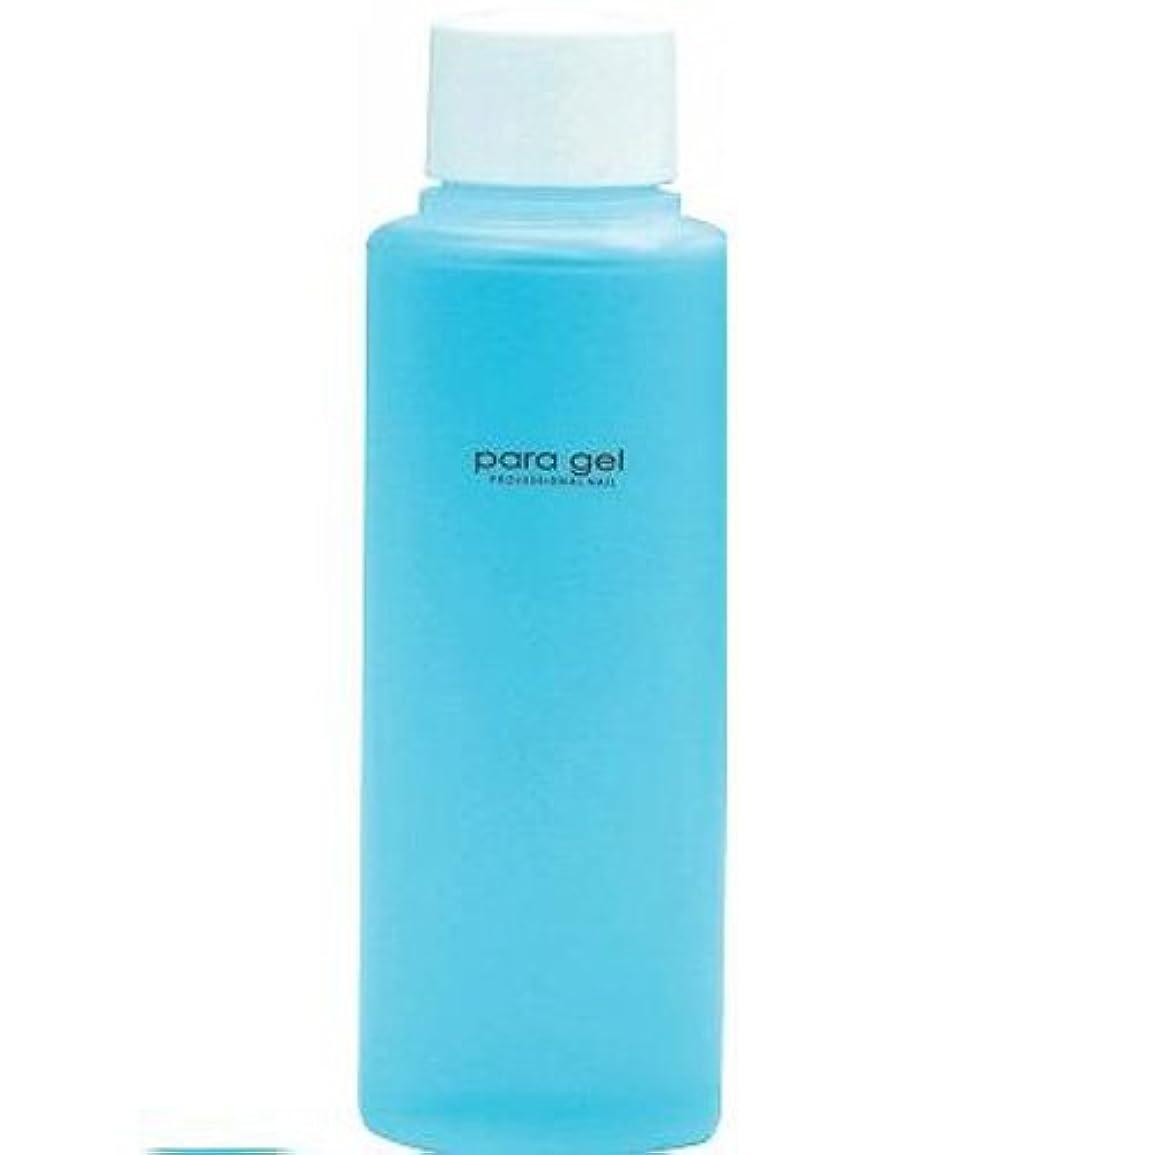 一人で下位勧告パラジェル(para gel) パラプレップ 120ml